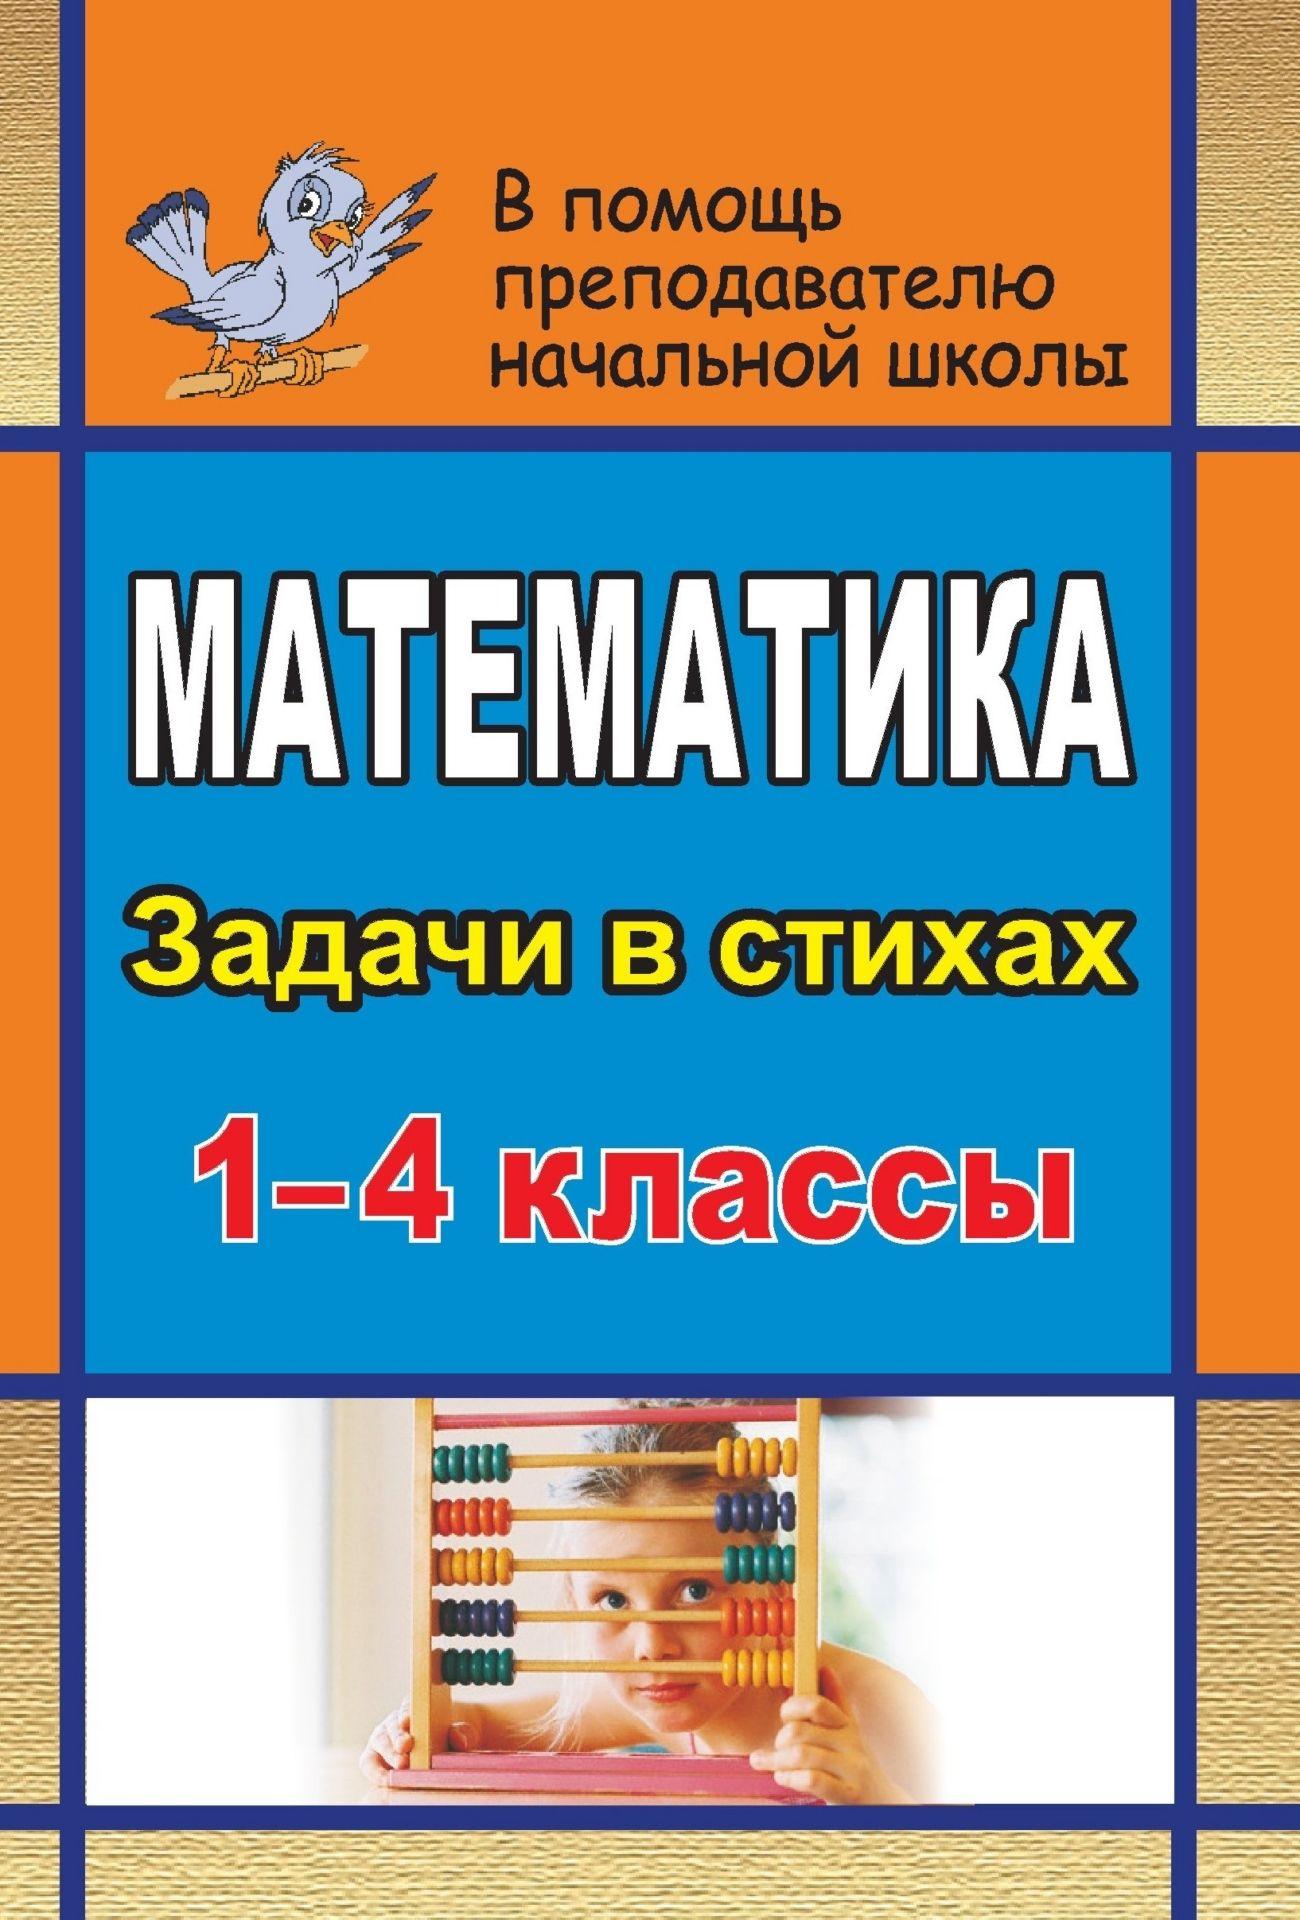 Математика. 1-4 классы: задачи в стихах